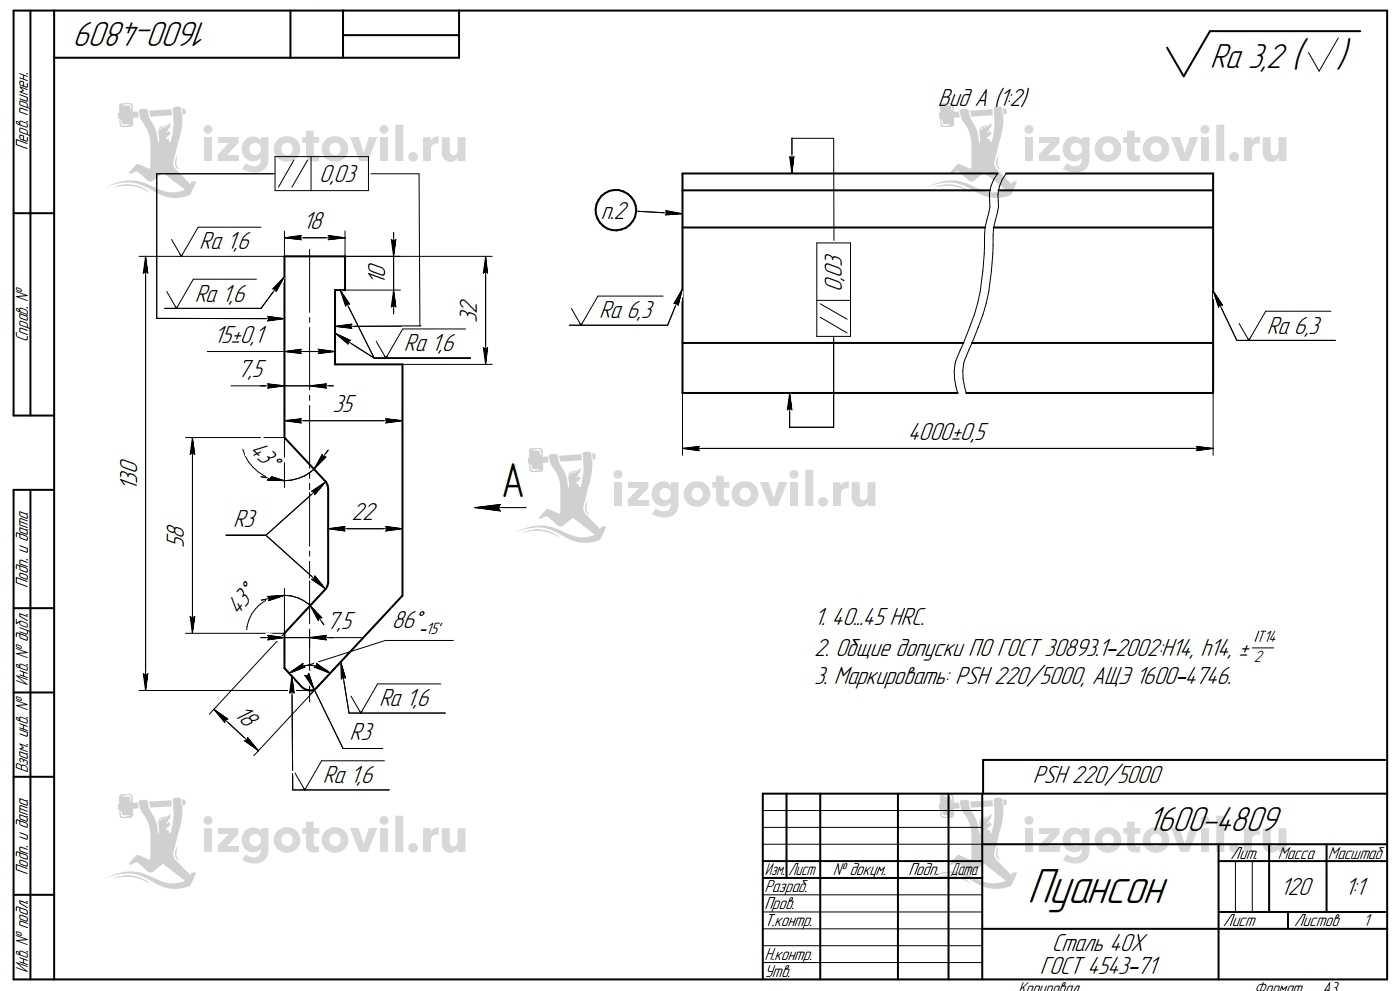 Иб2222 машина листогибочная трехвалковая для гибки листового металла. вальцы. паспорт, схемы, характеристики, описание